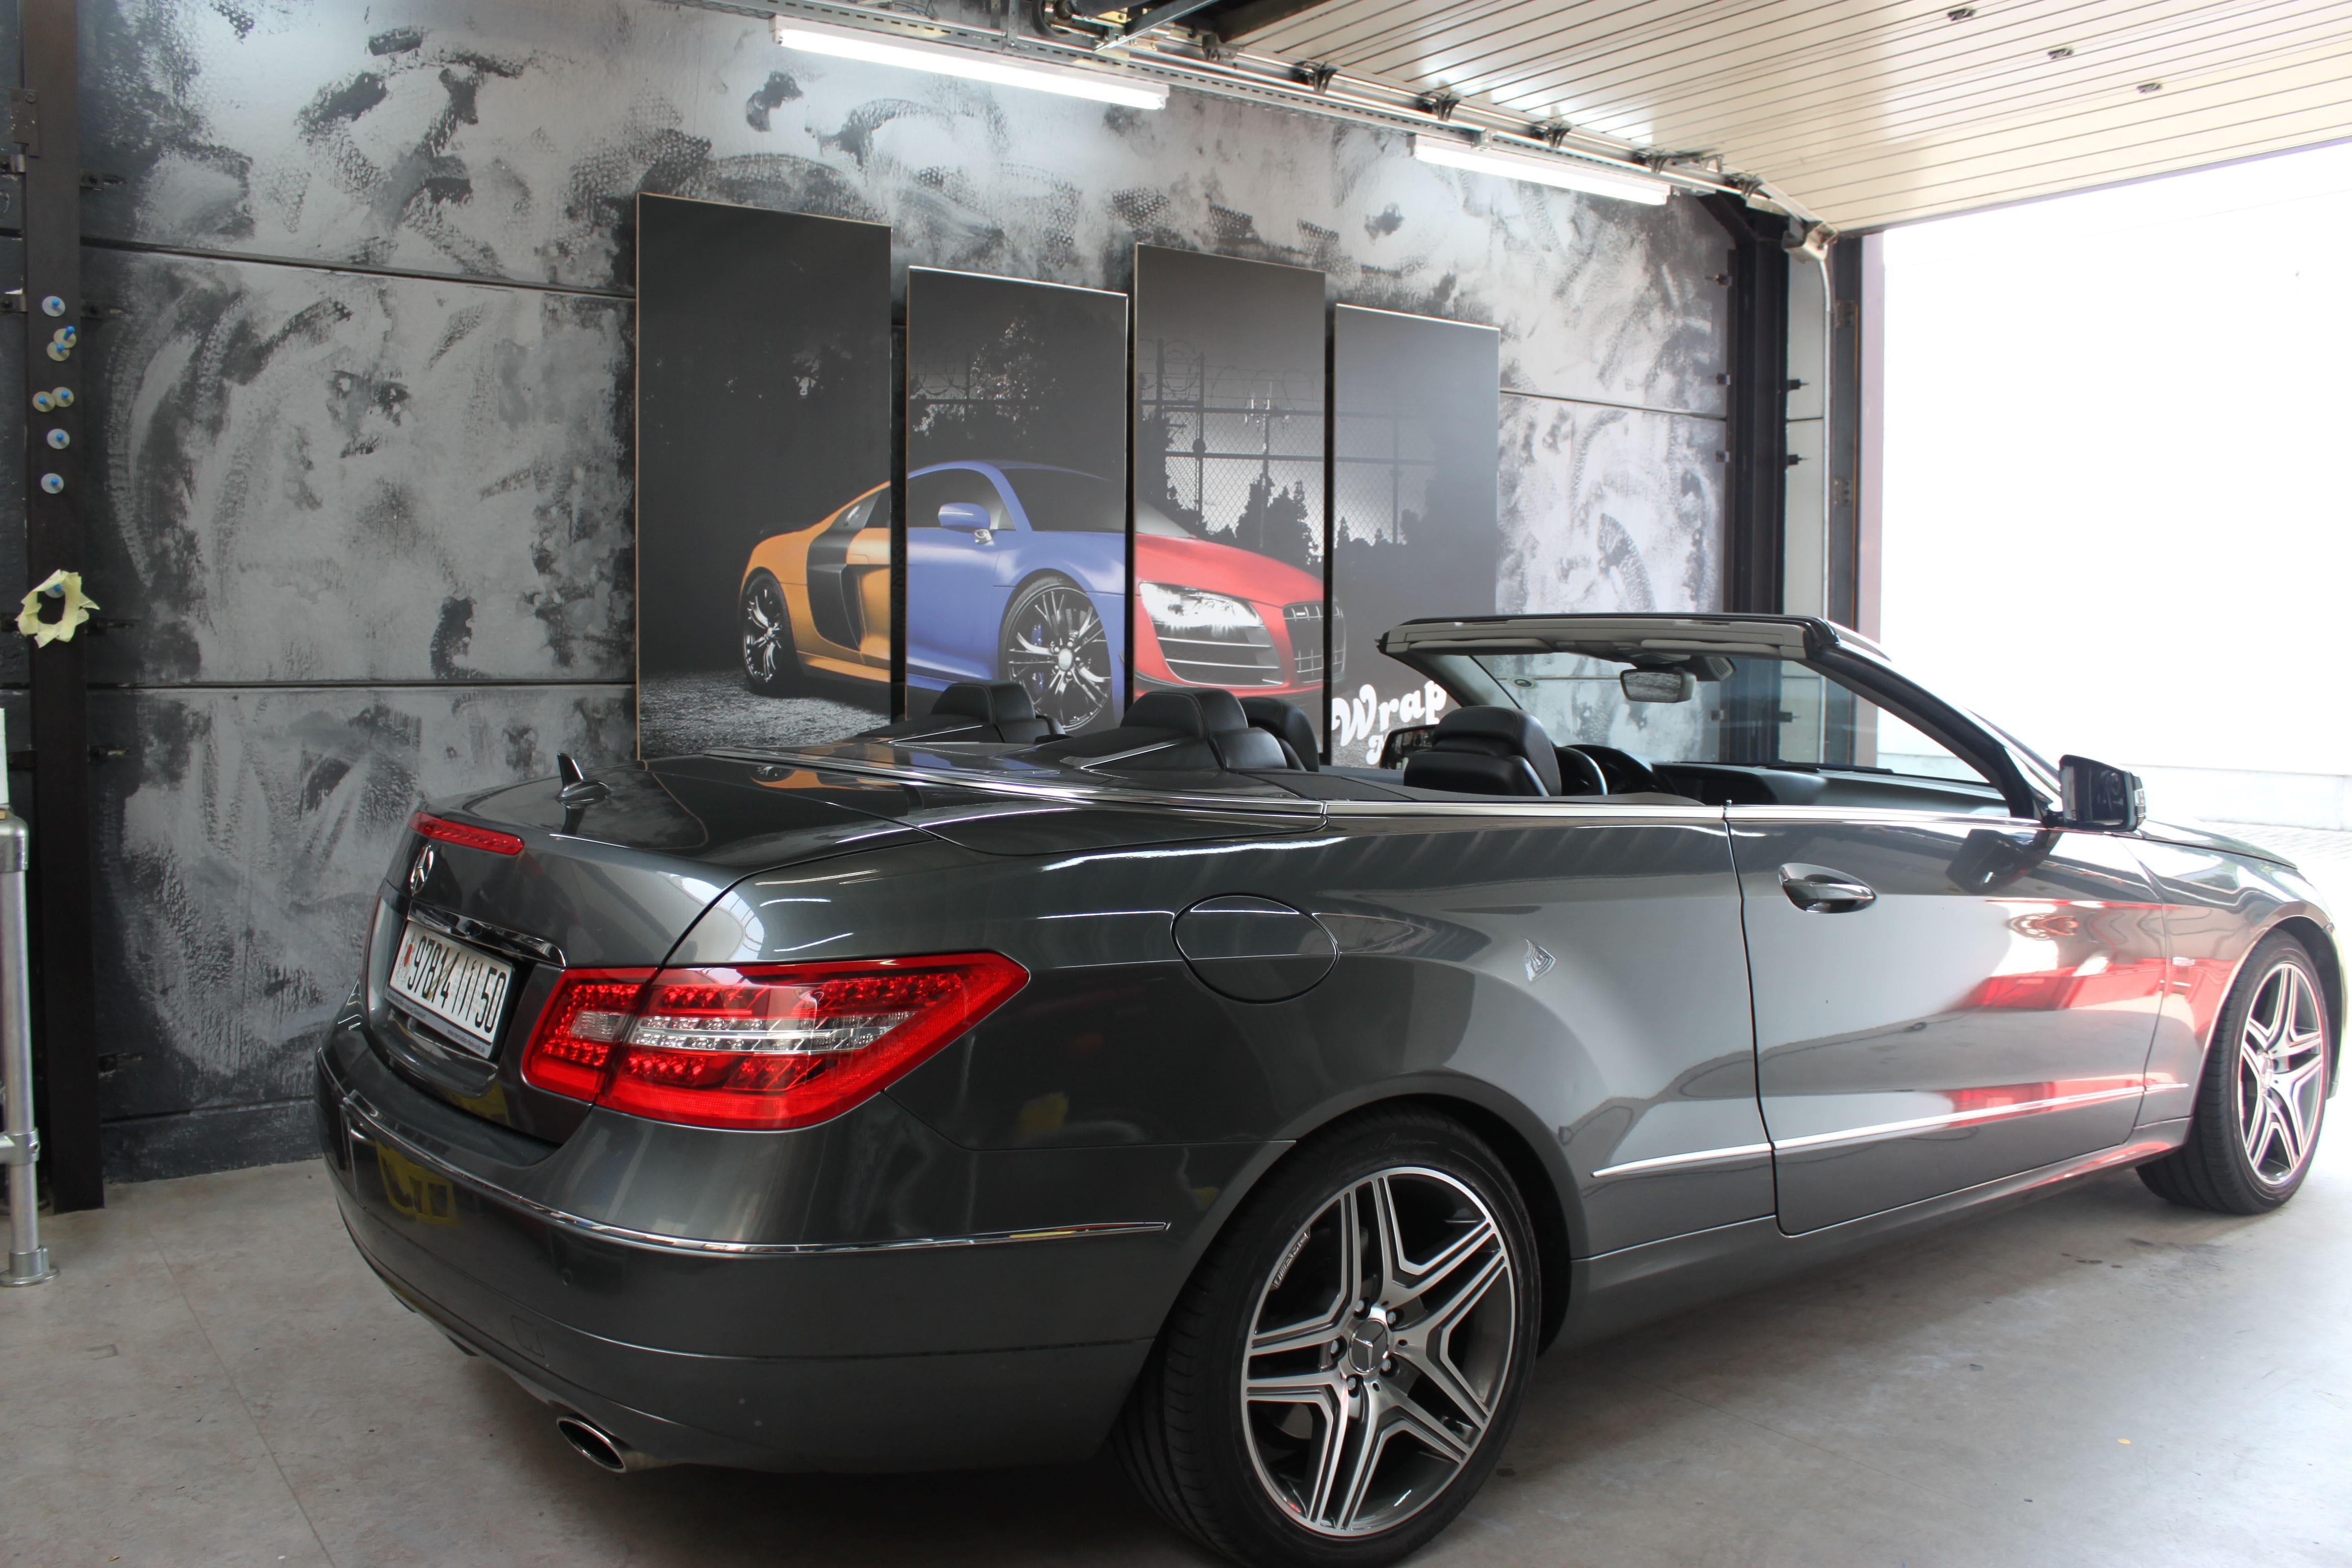 Mercedes E-Klasse Cabrio met Gunpowder Wrap, Carwrapping door Wrapmyride.nu Foto-nr:6247, ©2020